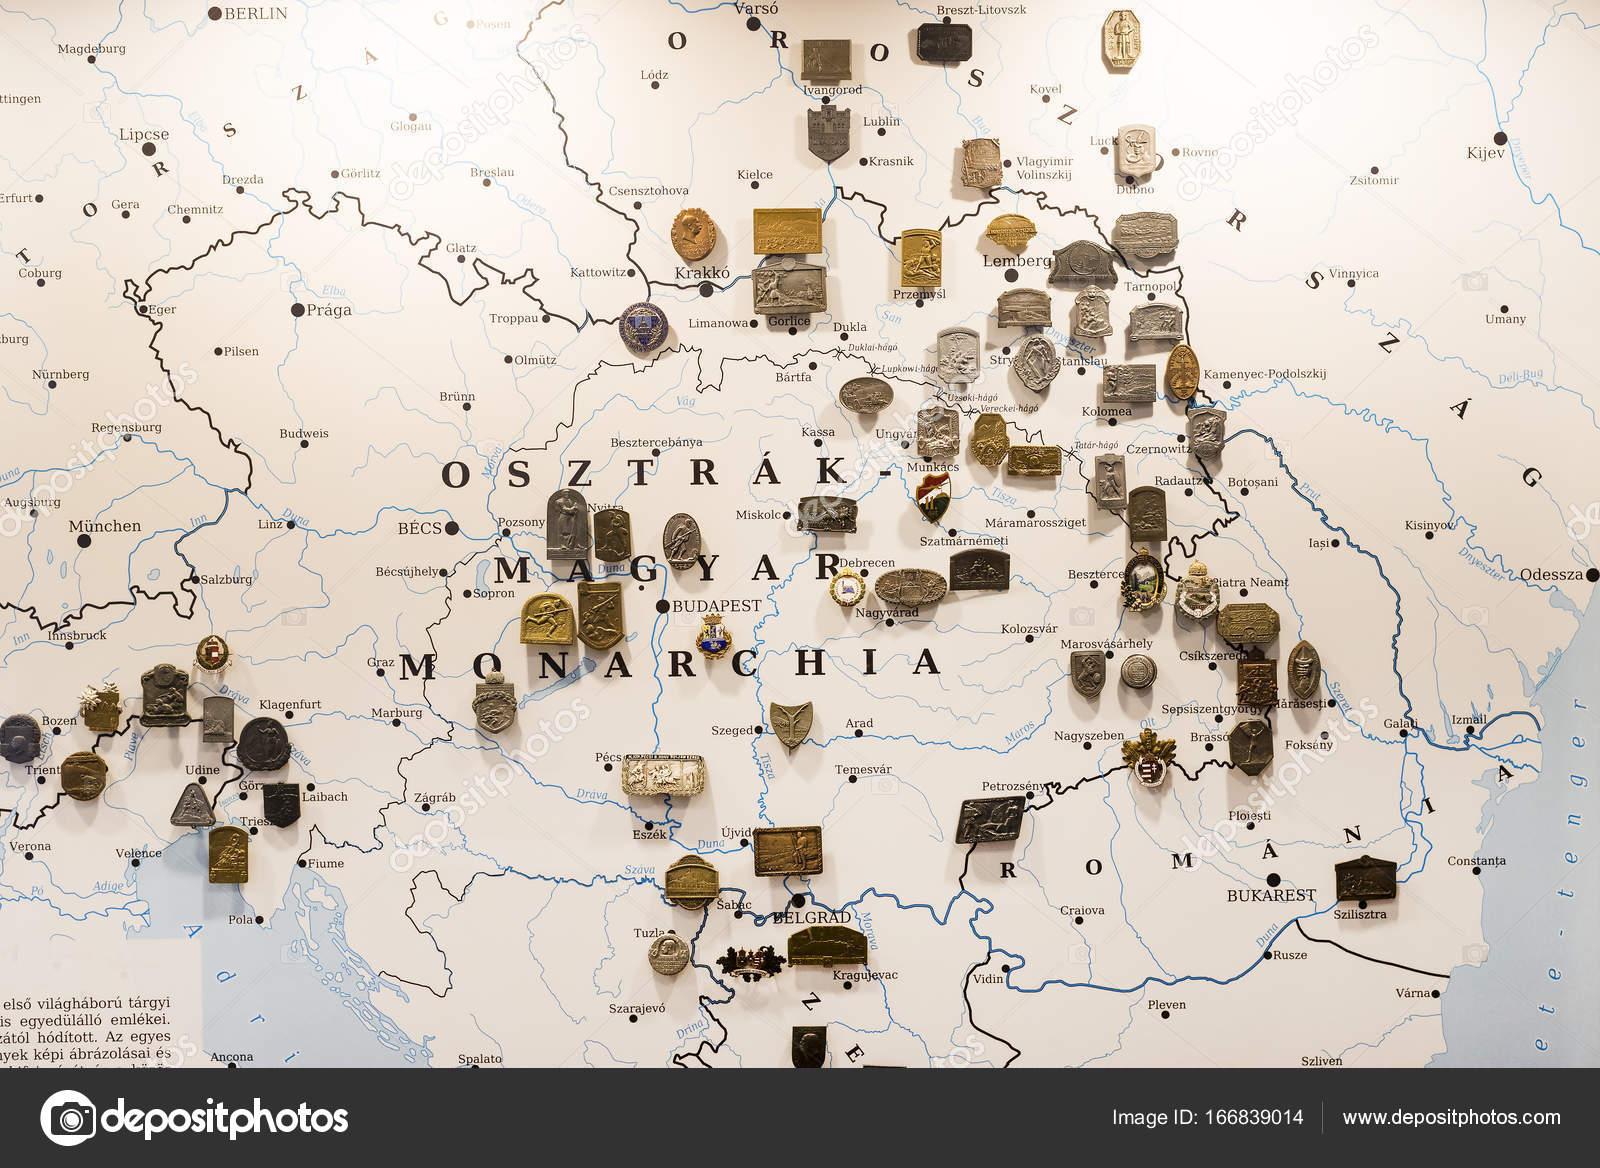 museu da história dos militares do exército húngaro com exposições